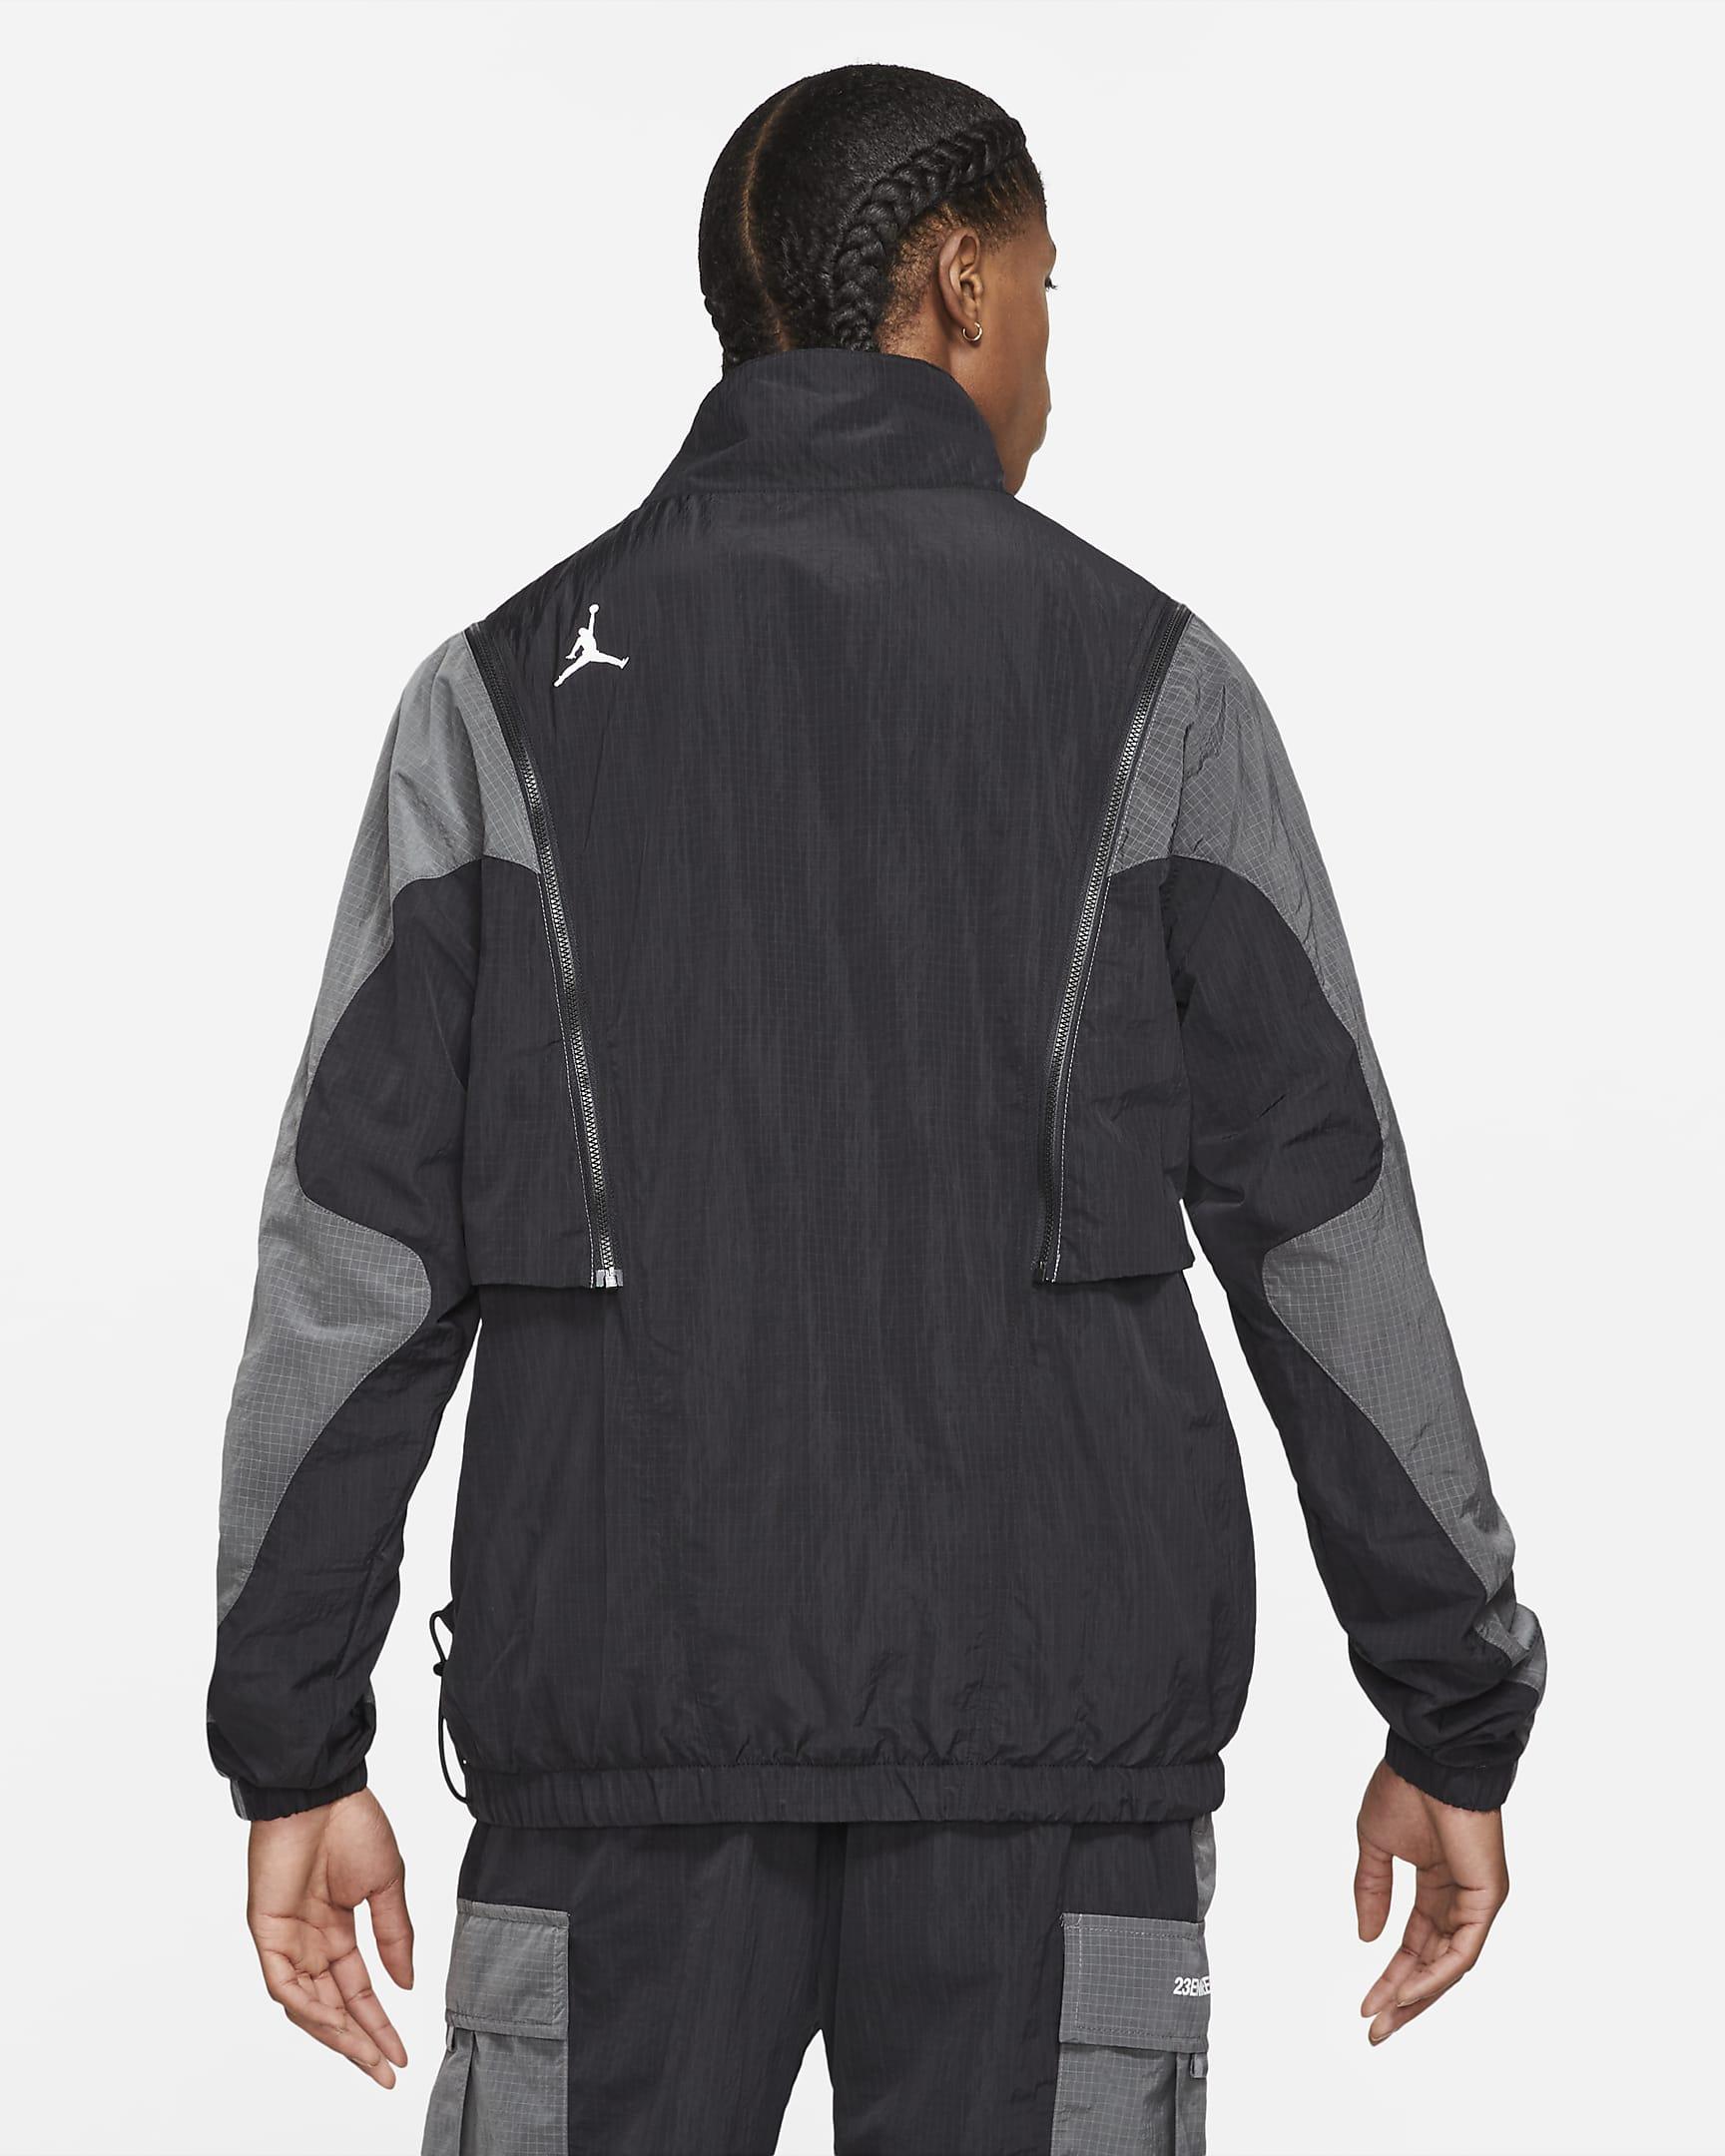 jordan-23-engineered-mens-woven-jacket-SFDMk2-1.png